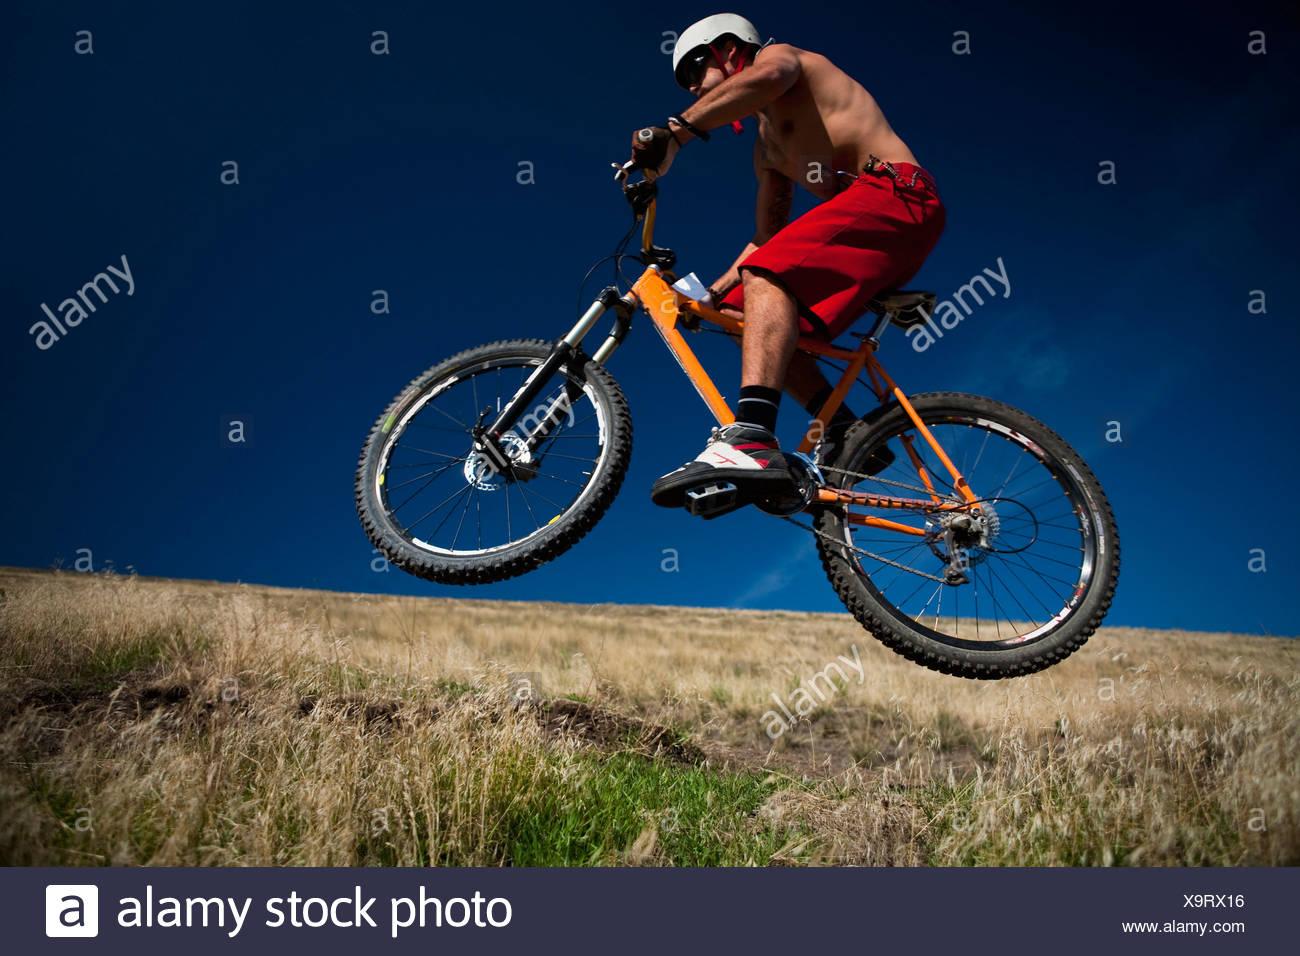 Ein männliche Mountainbiker wird Luft während der Fahrt einer Strecke auf Mt. Sentinel, Missoula, Montana. Stockbild